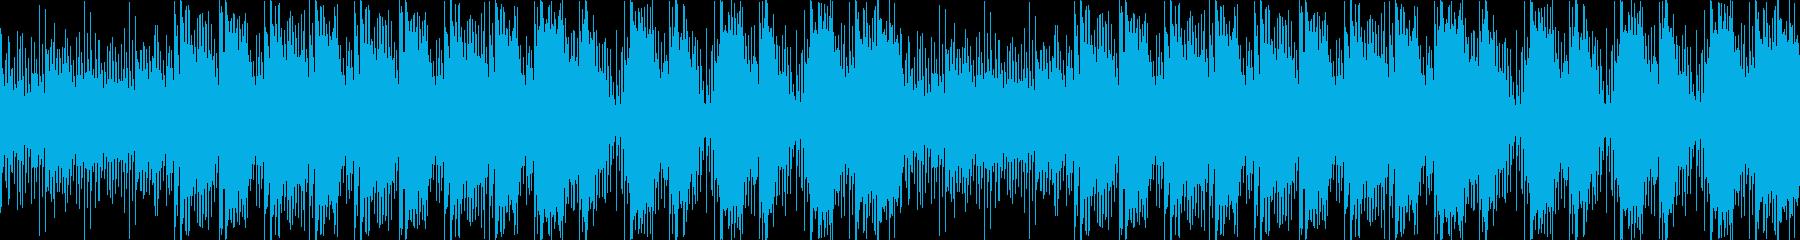 リコーダーとアコギ主体の「ほっこり感」の再生済みの波形